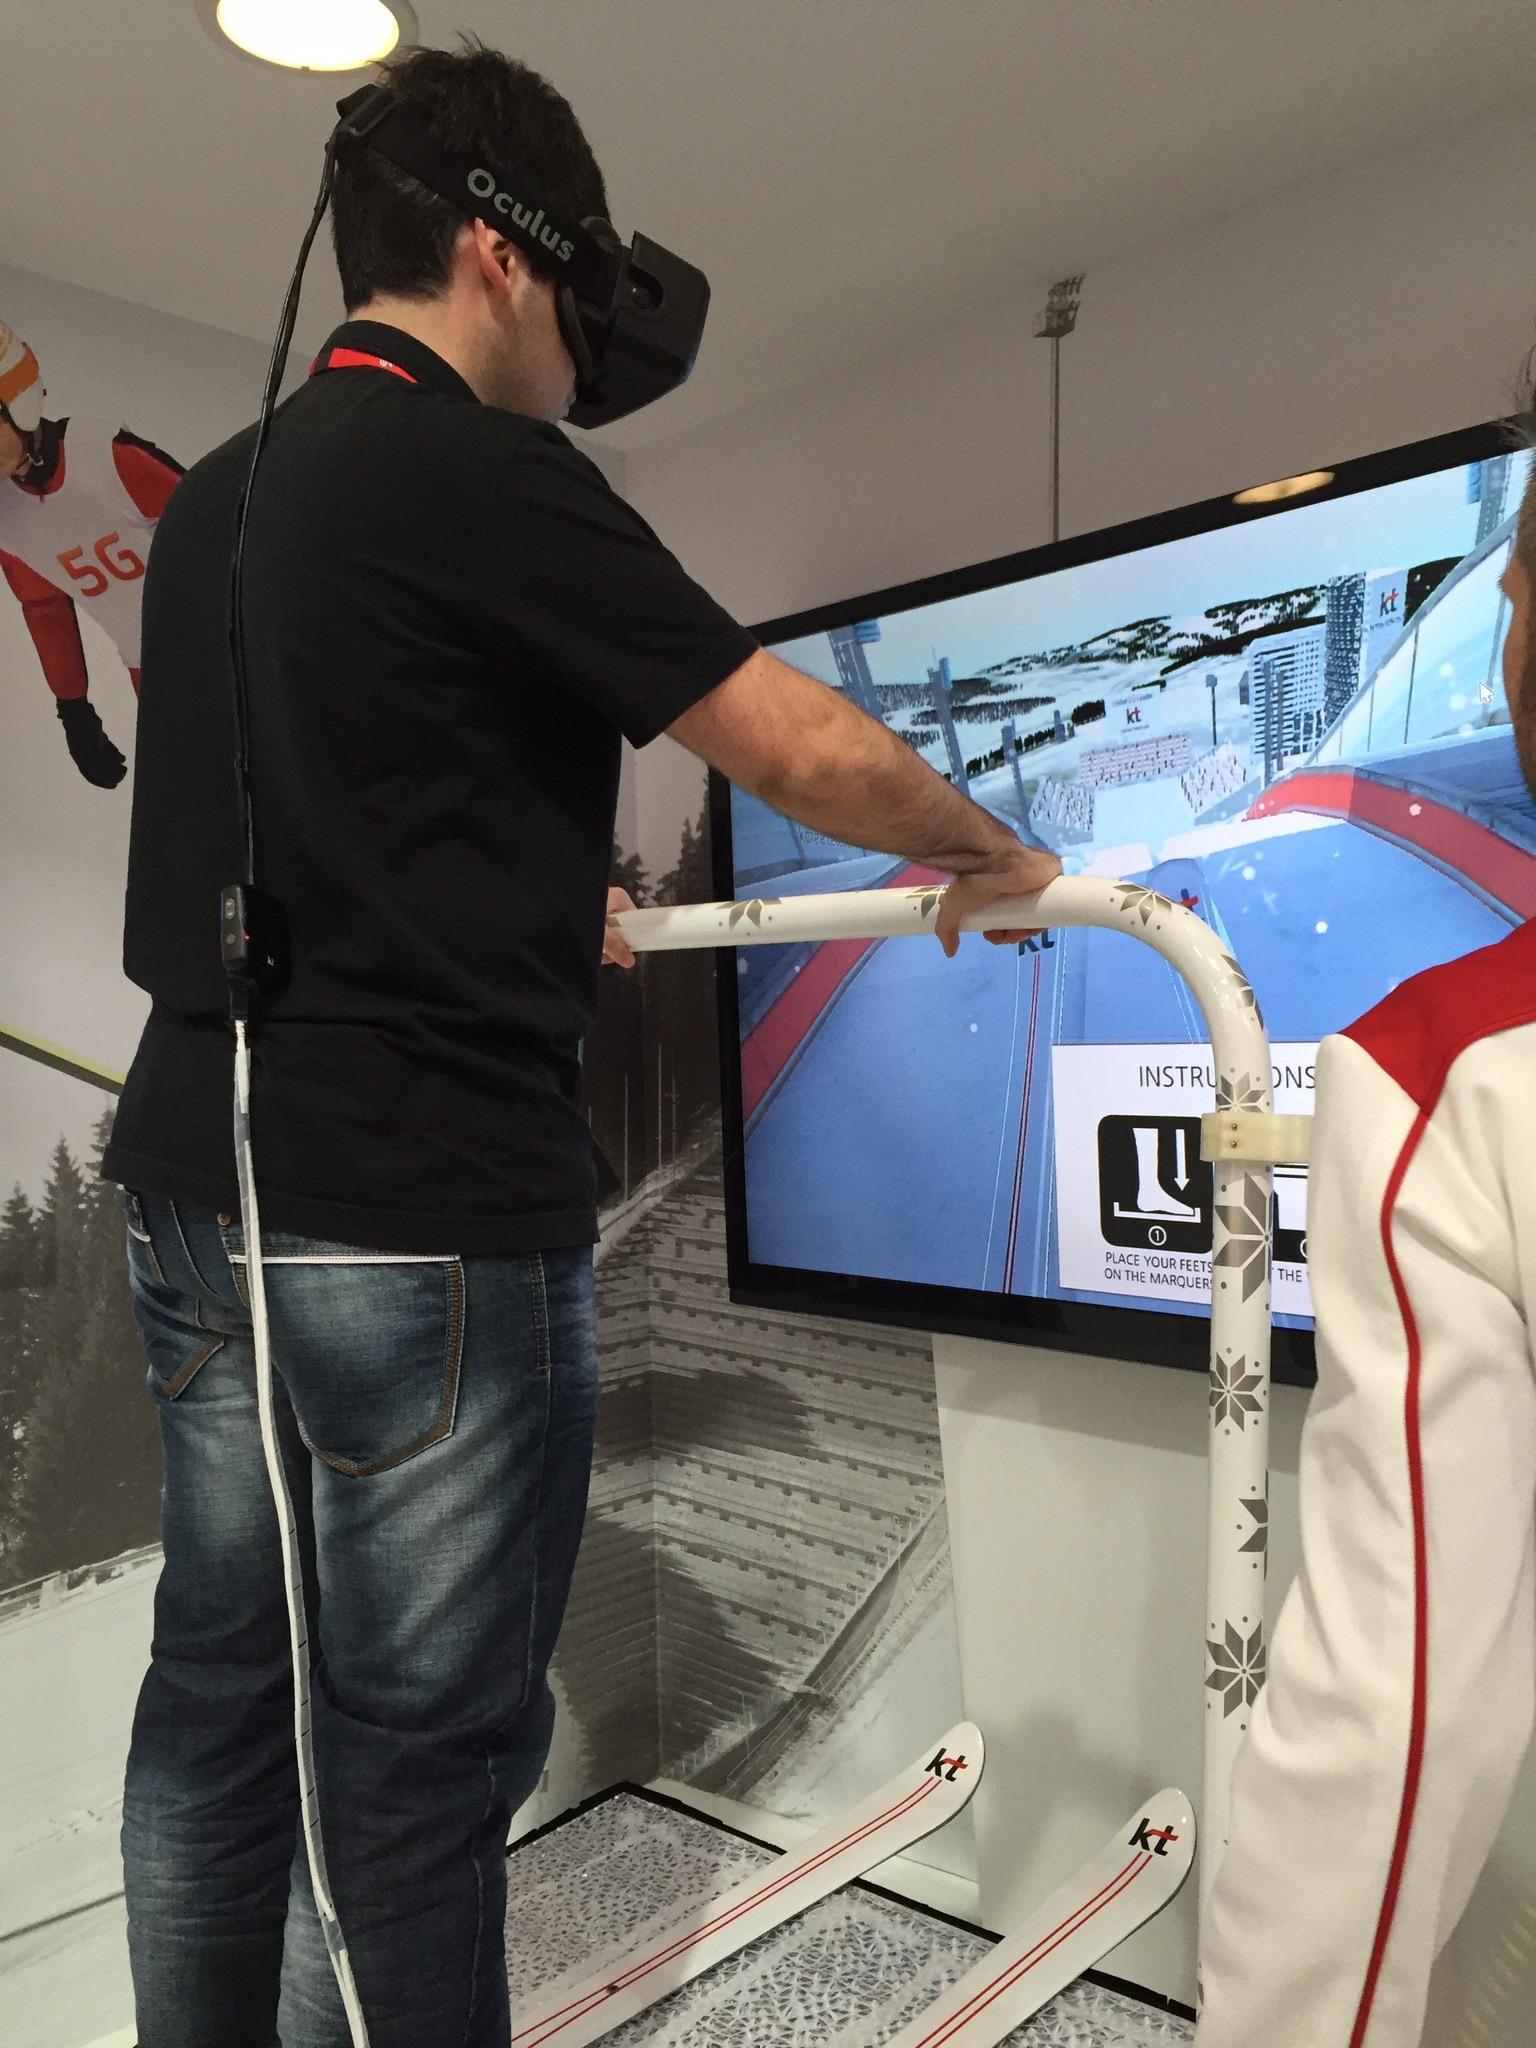 MWC - Realidad virtual - Esquí